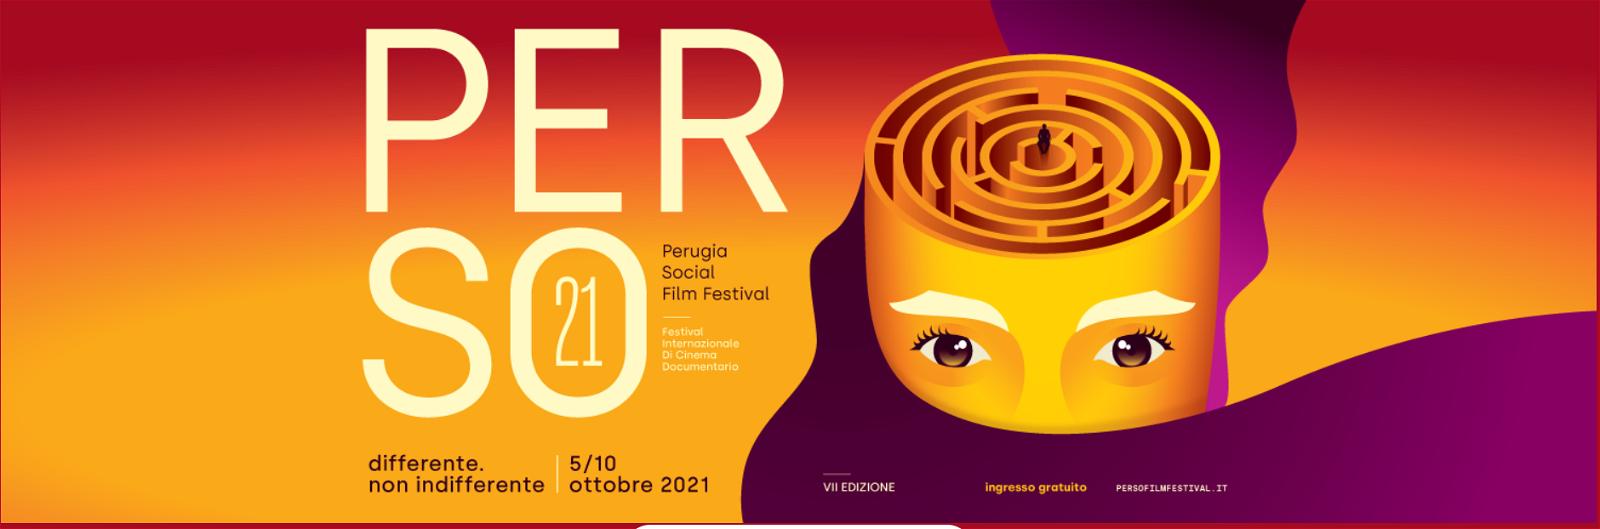 Perugia Social Film Festiva